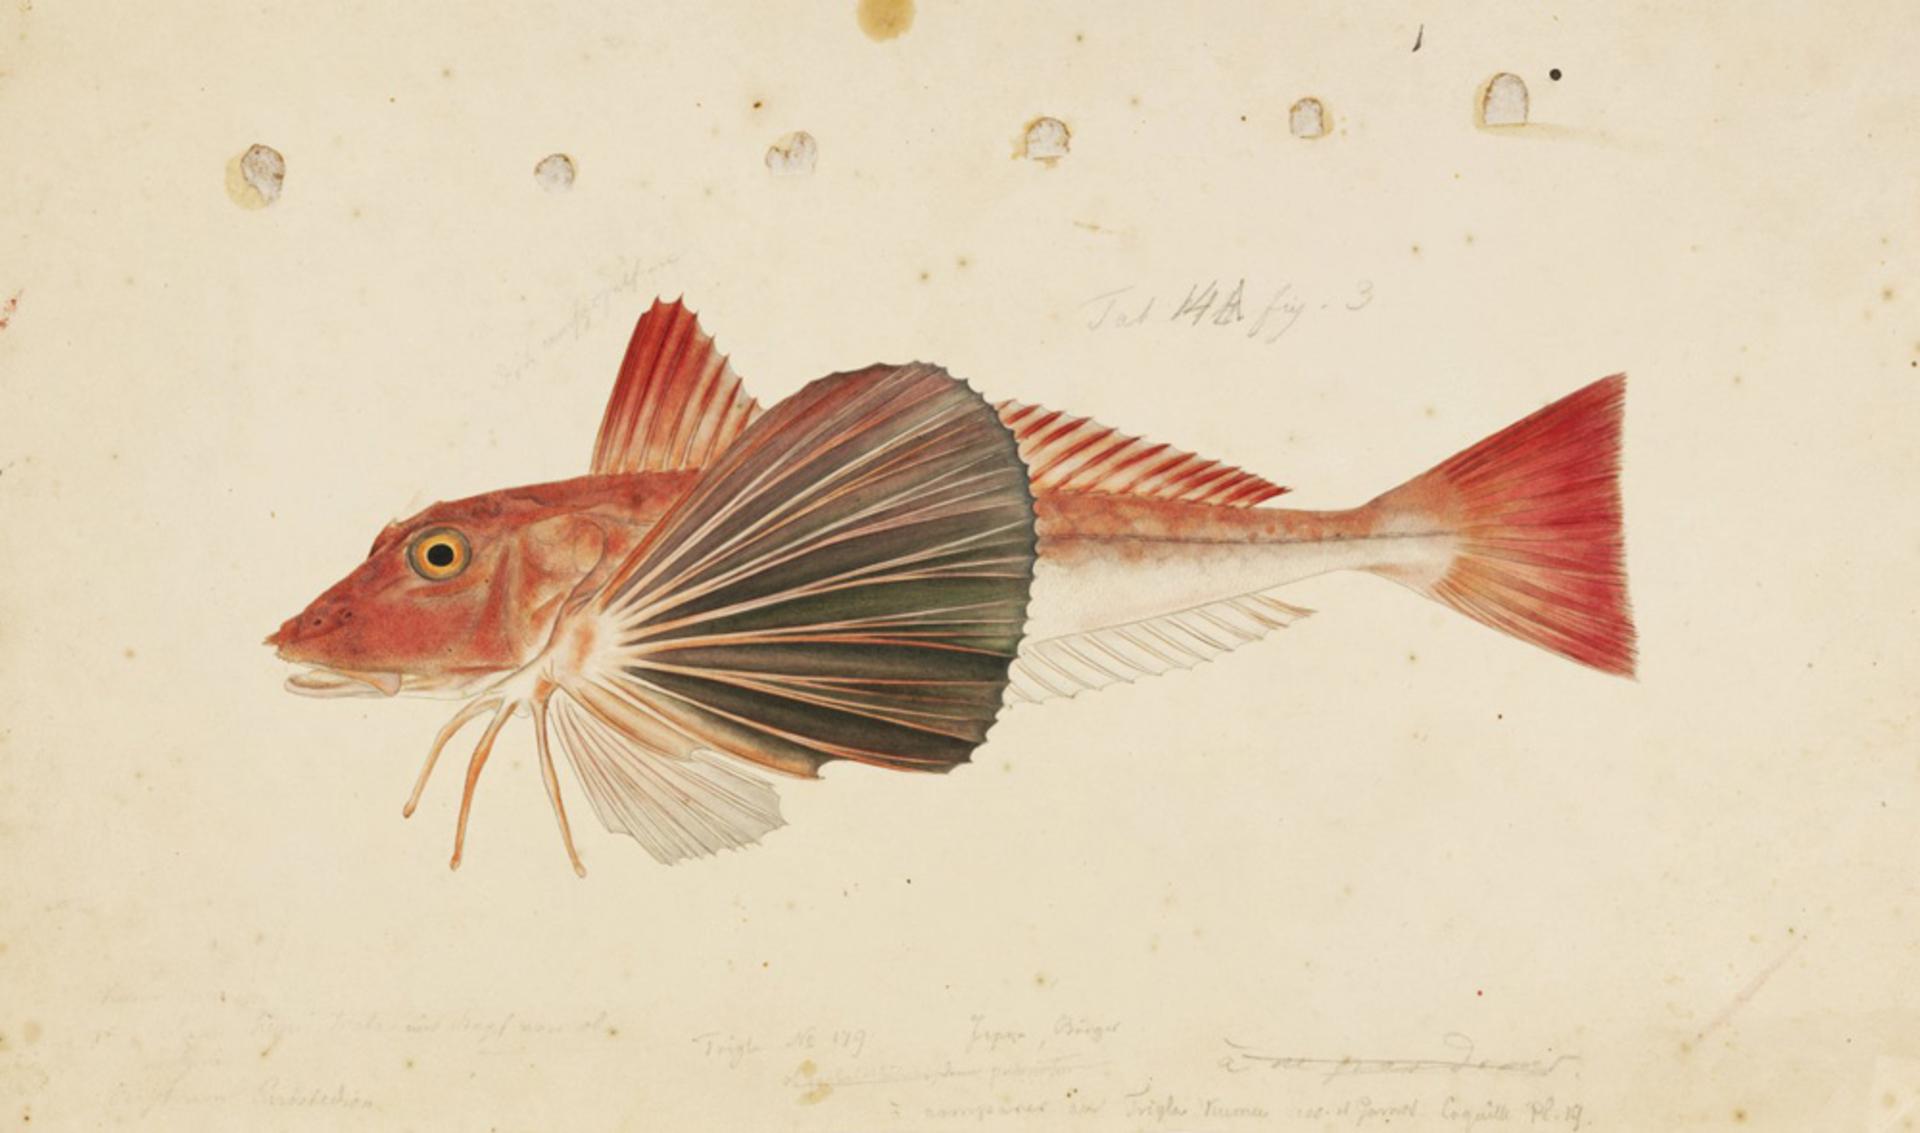 RMNH.ART.216 | Chlidonichtys spinosus